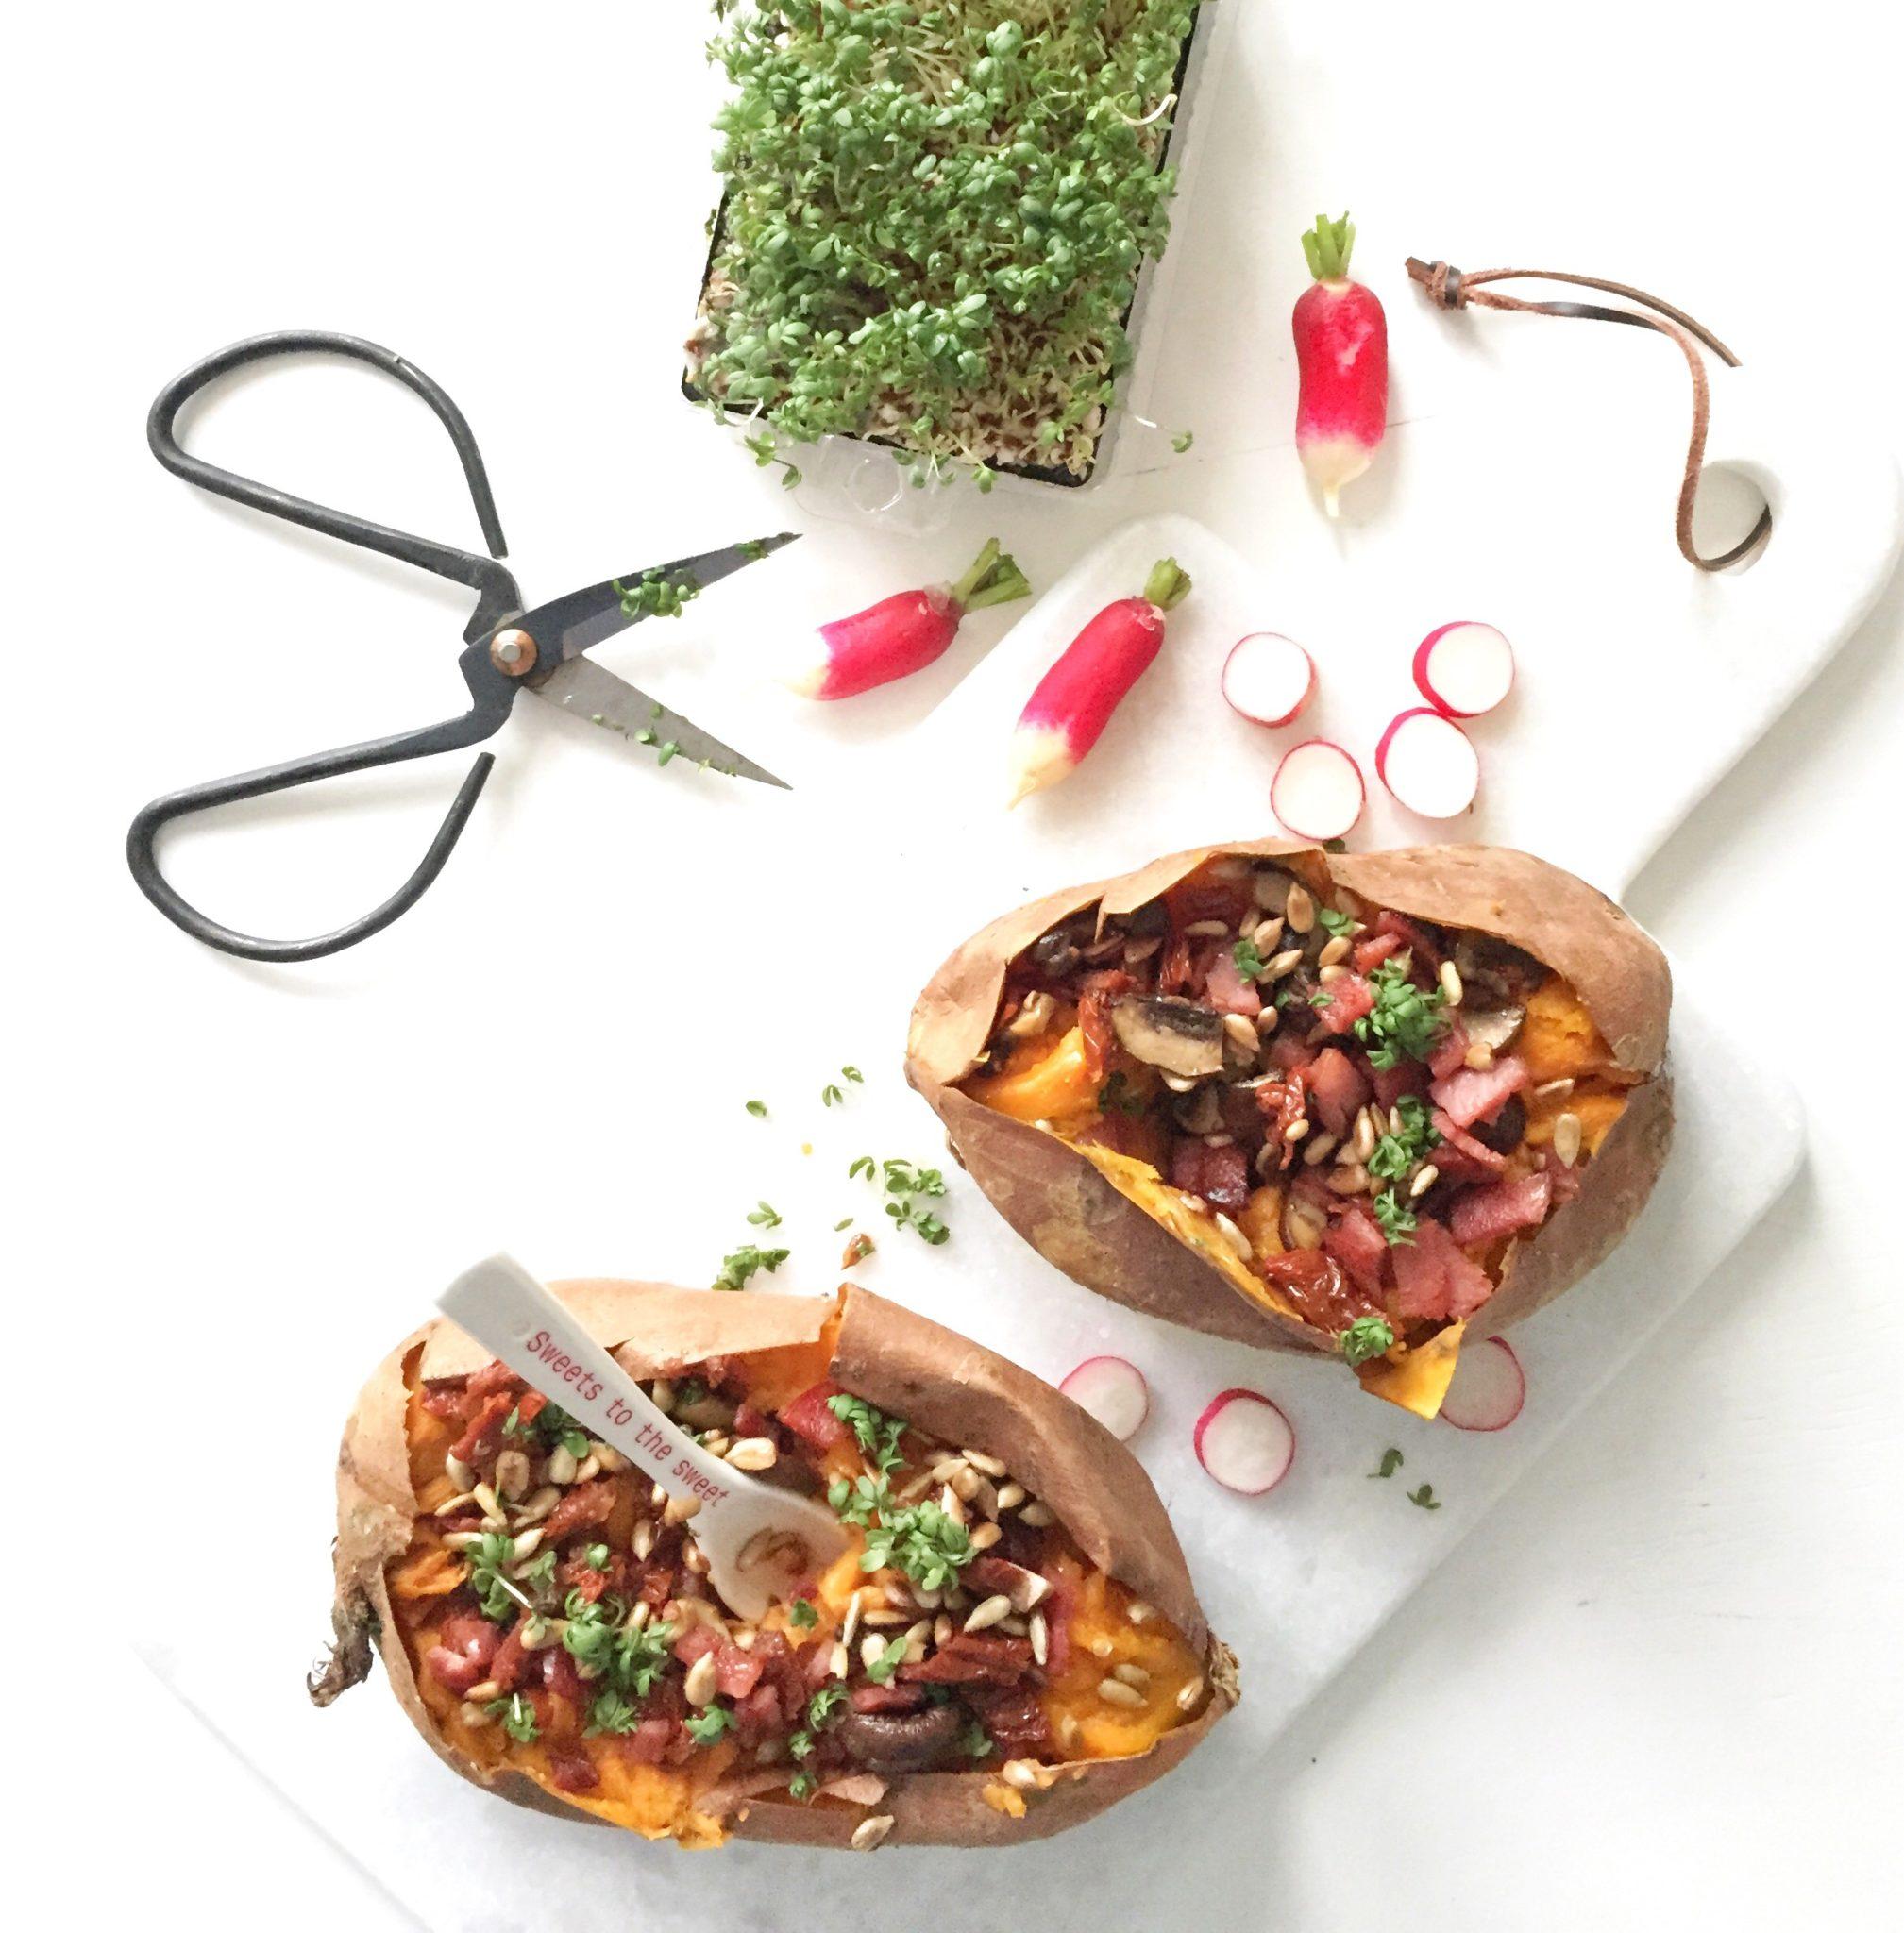 Sund mad og opskrift på søde kartofler med fyld. Farverigt og sommerligt mad